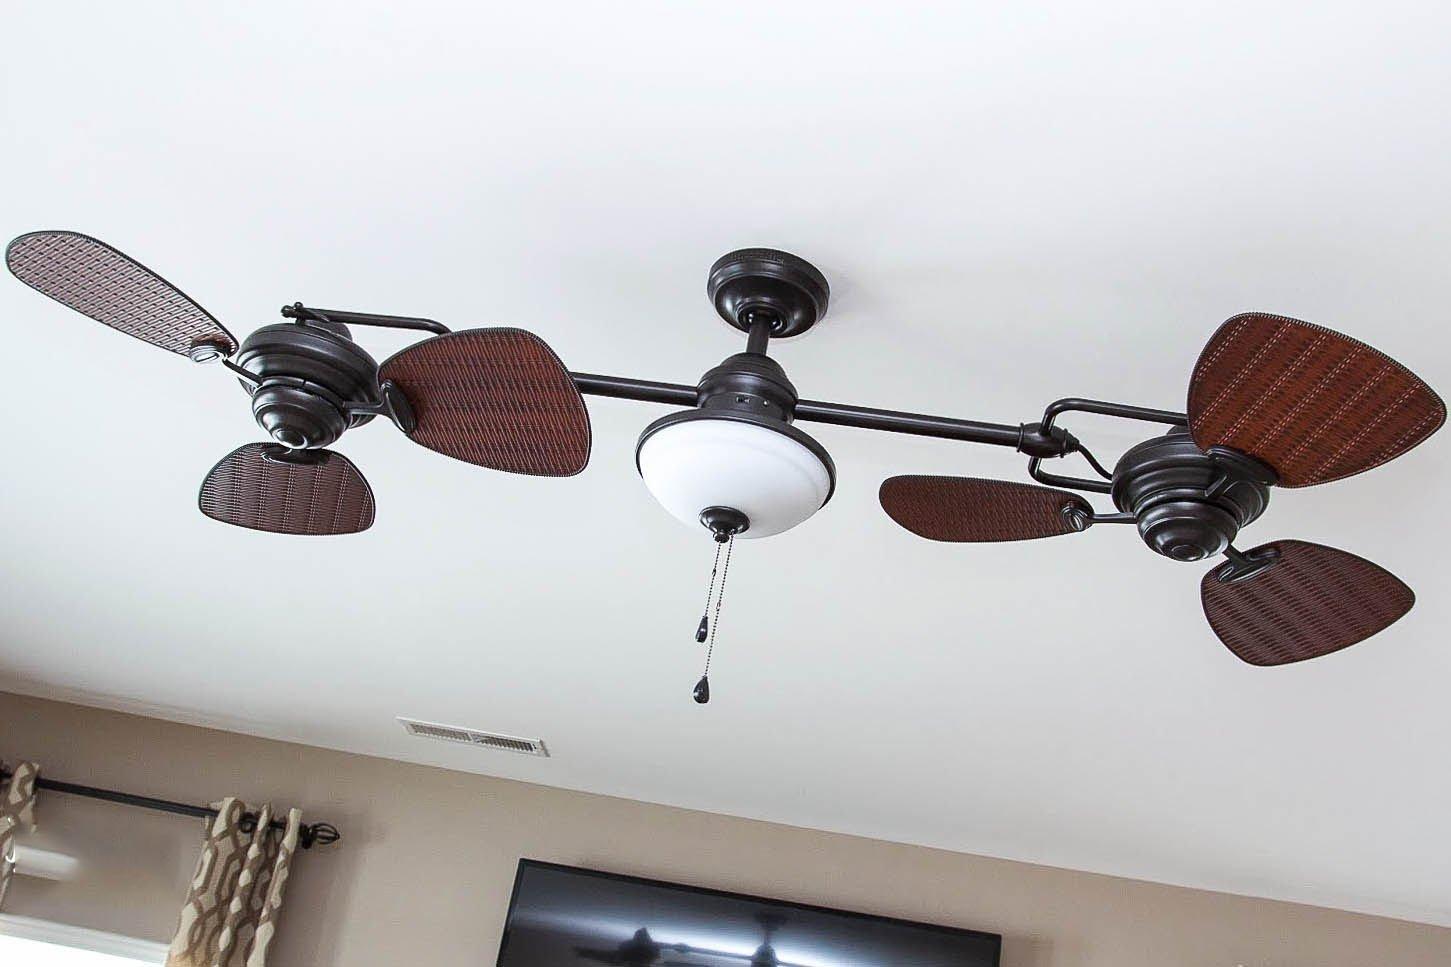 Double ceiling fans